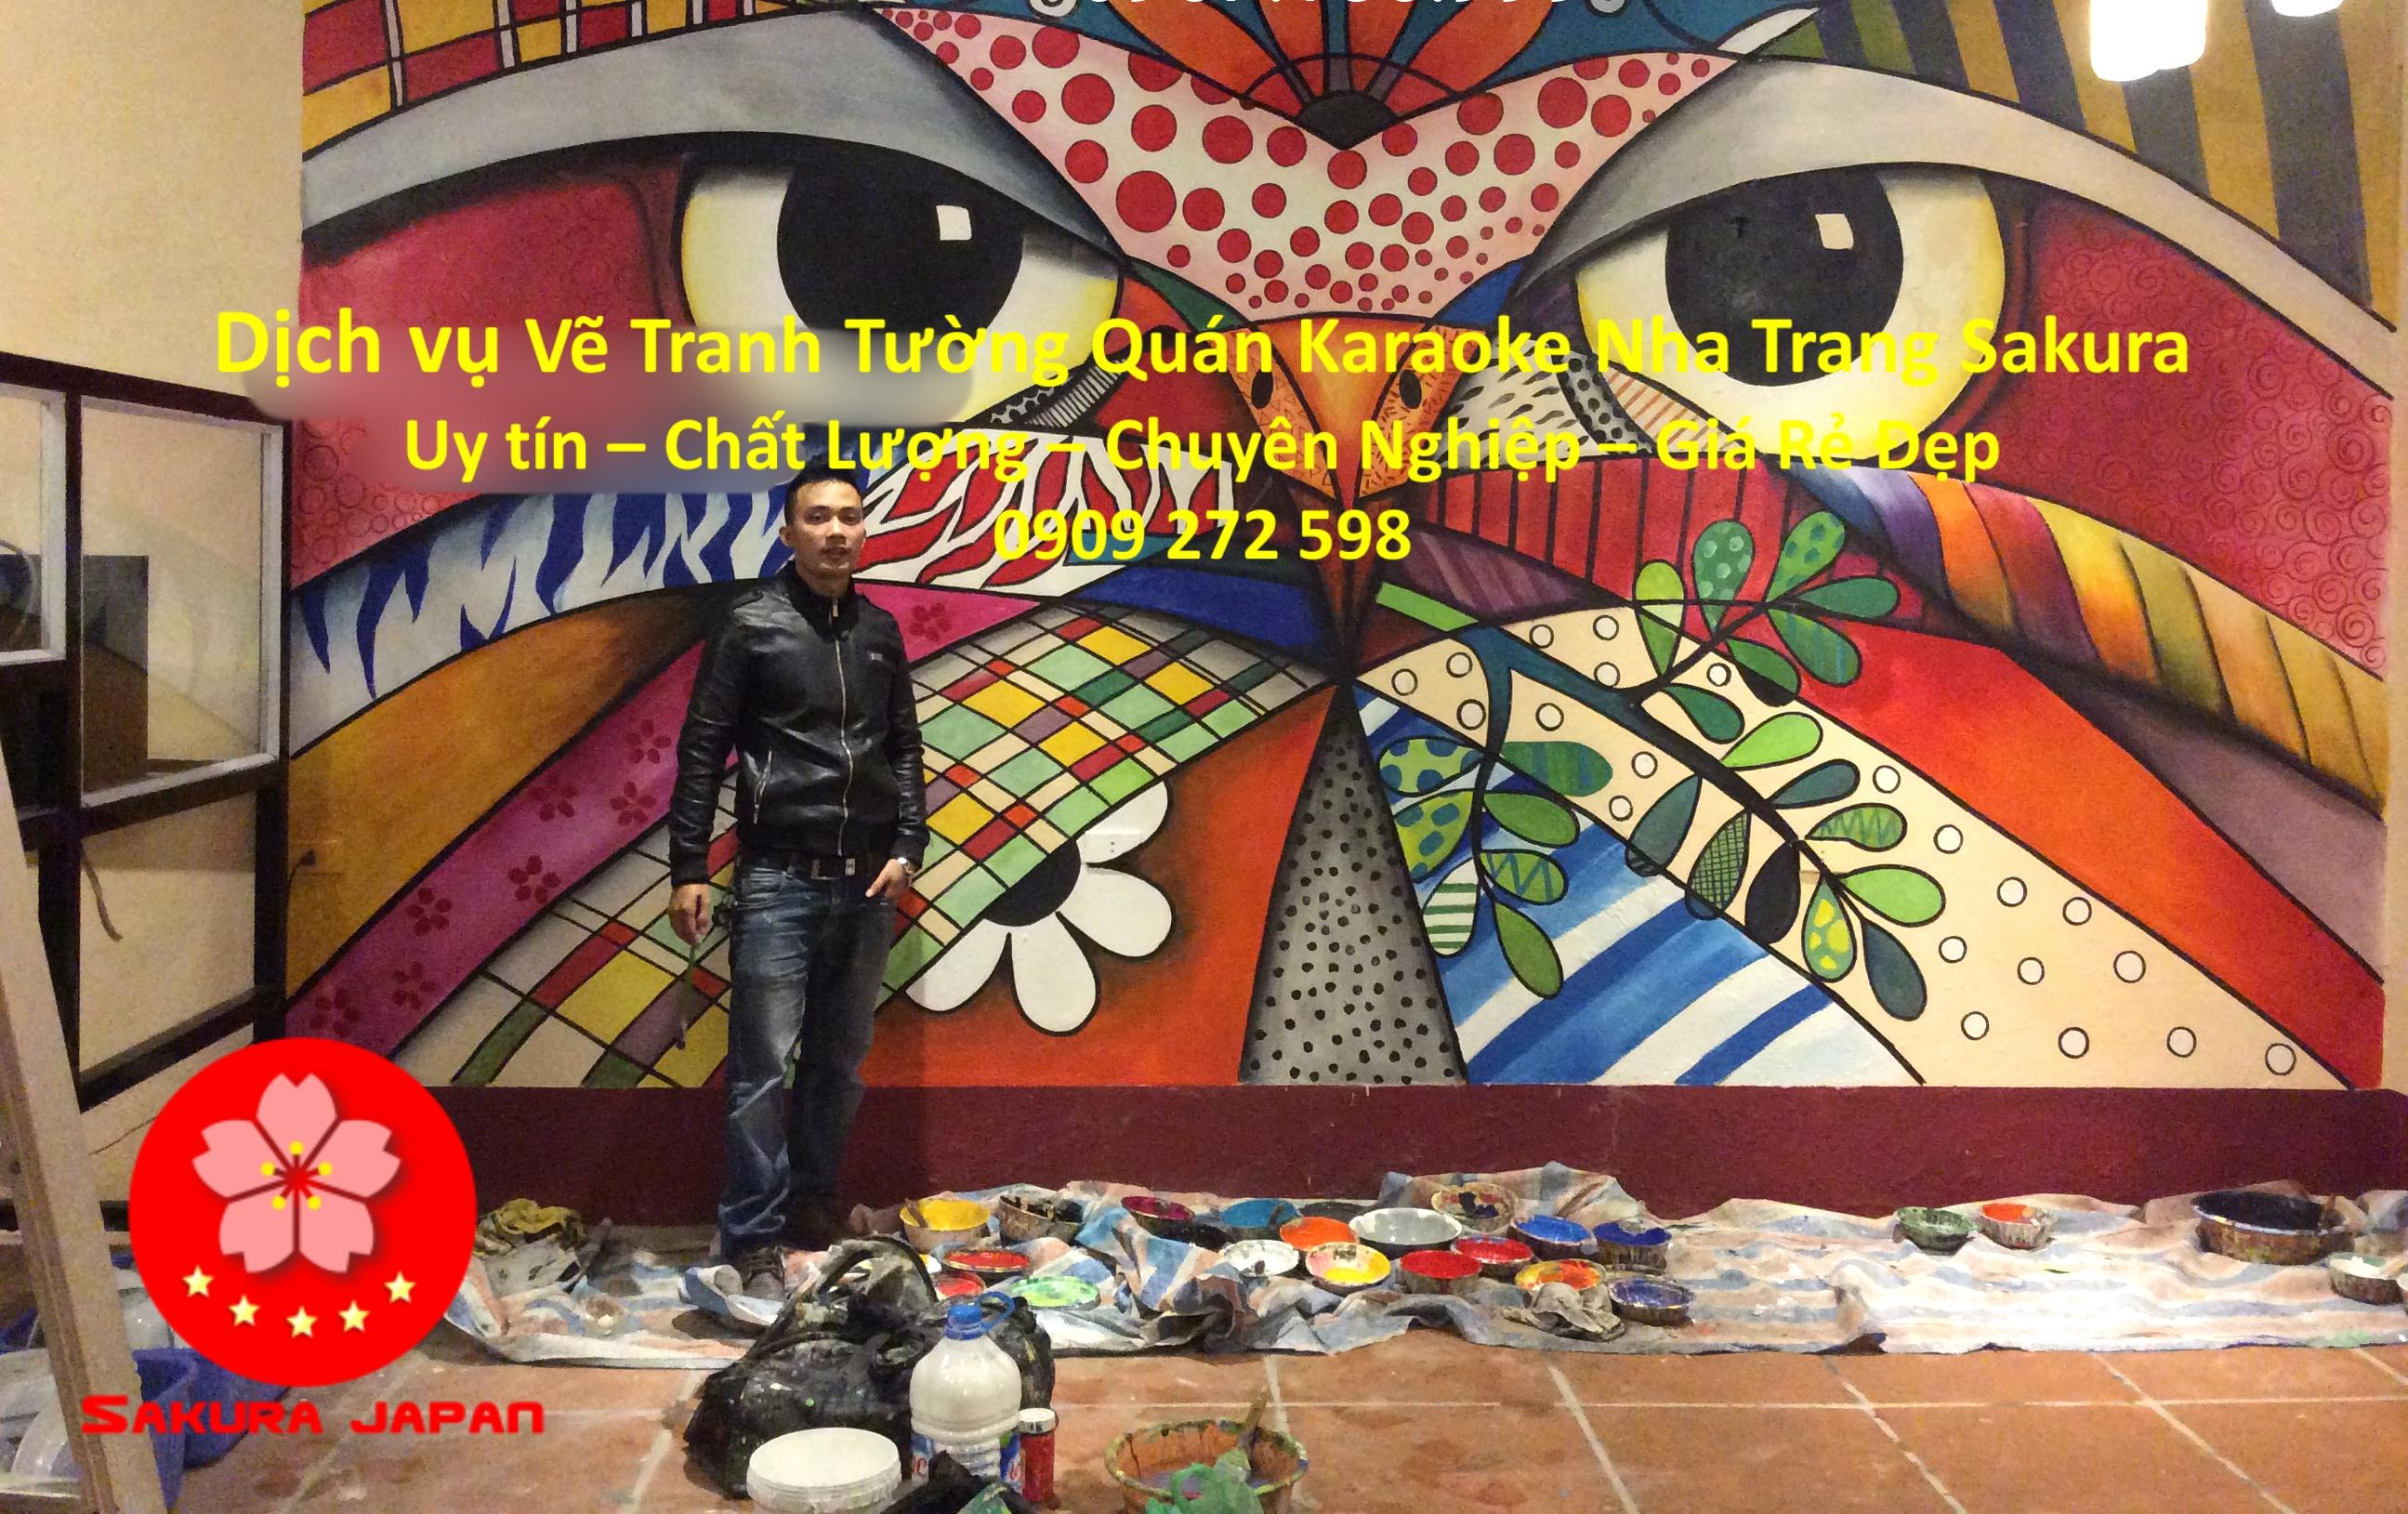 Vẽ Tranh Tường Karaoke Nha Trang rẻ đẹp nhất